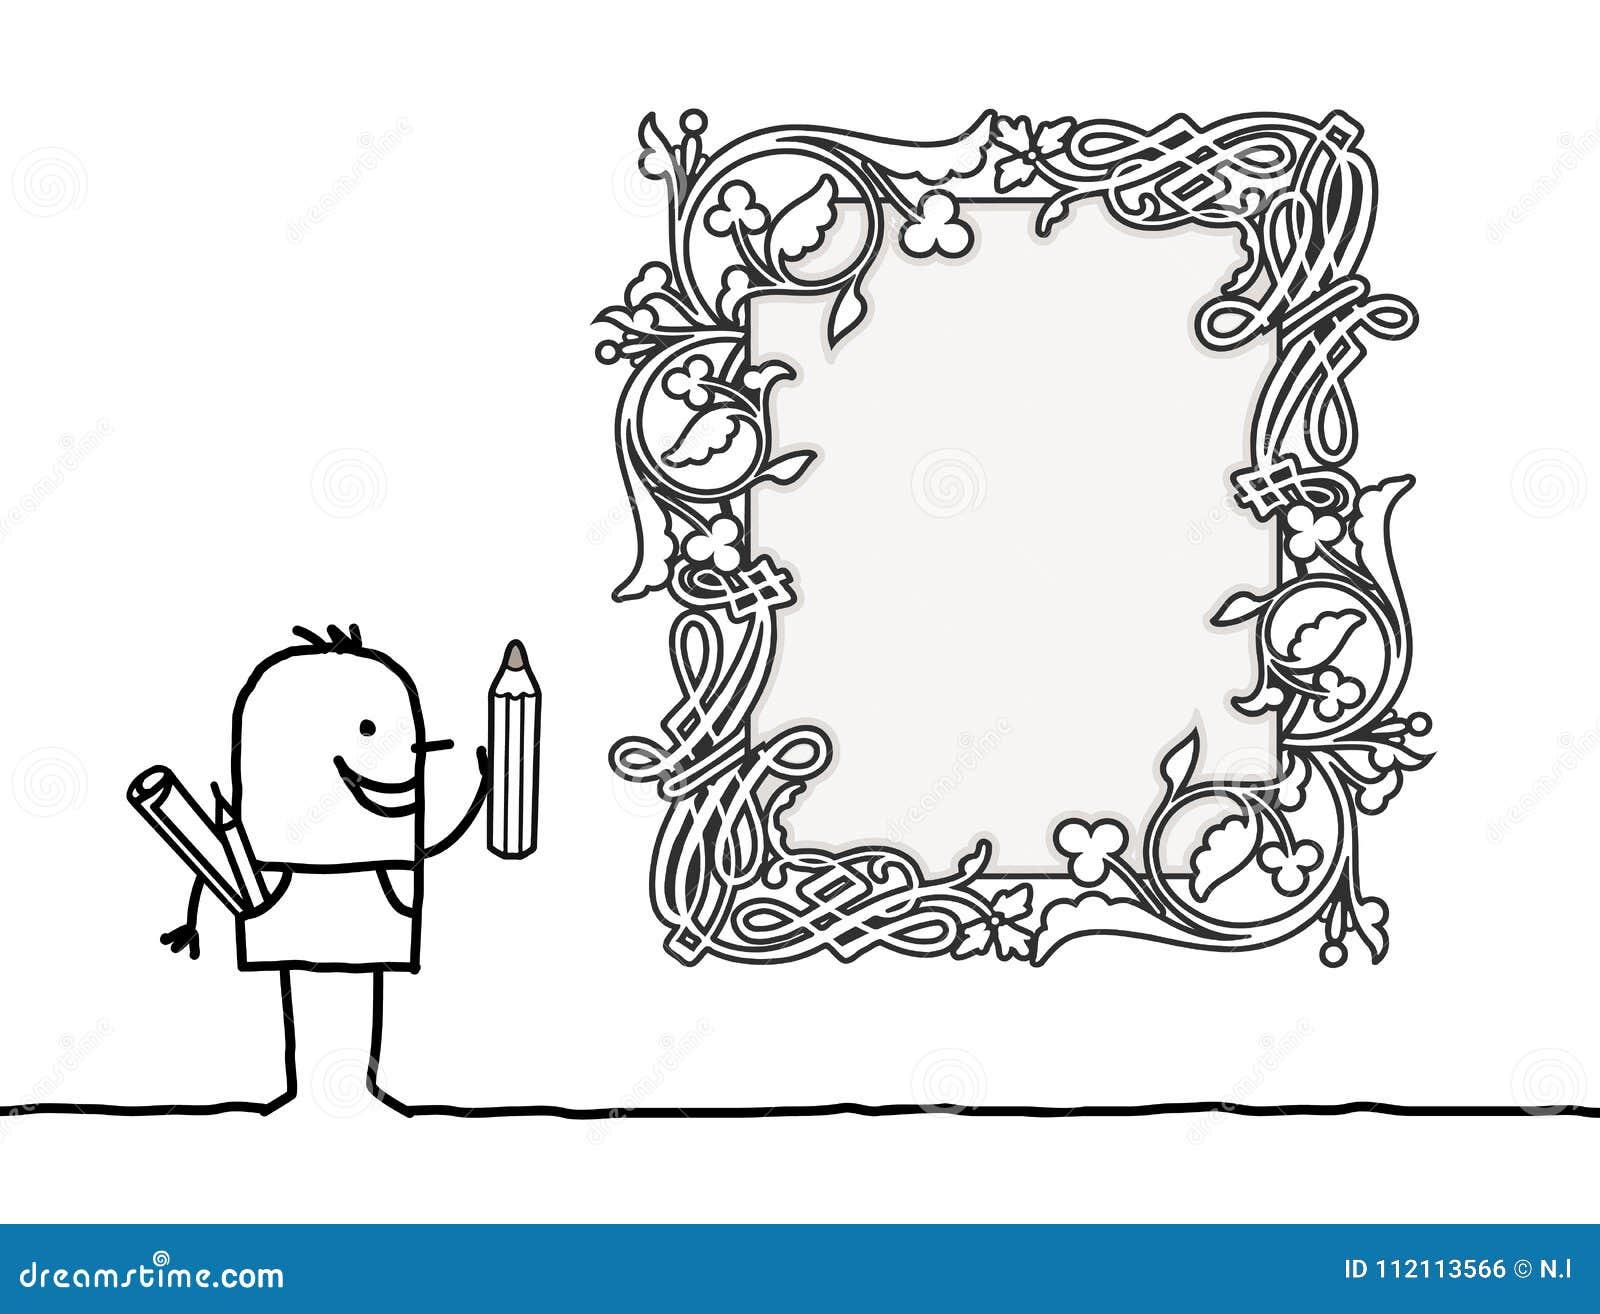 Karikatur-Designer Drawing Ein Rahmen Des Weinlese-Art-freien Raumes ...